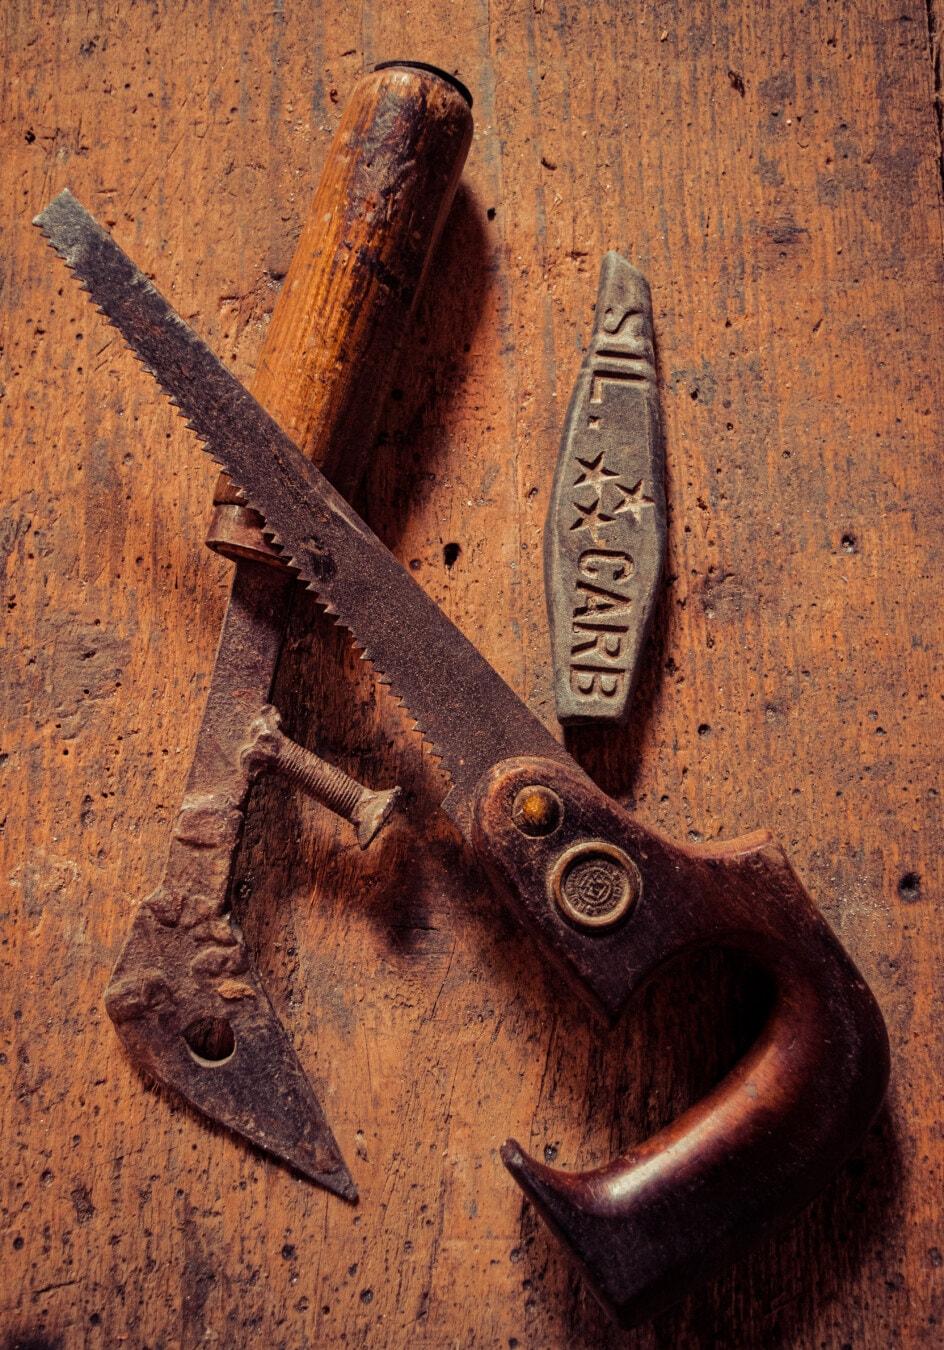 sciure de bois, scie, vintage, style ancien, outil à main, tranchant, lame, Pierre, en acier, fer